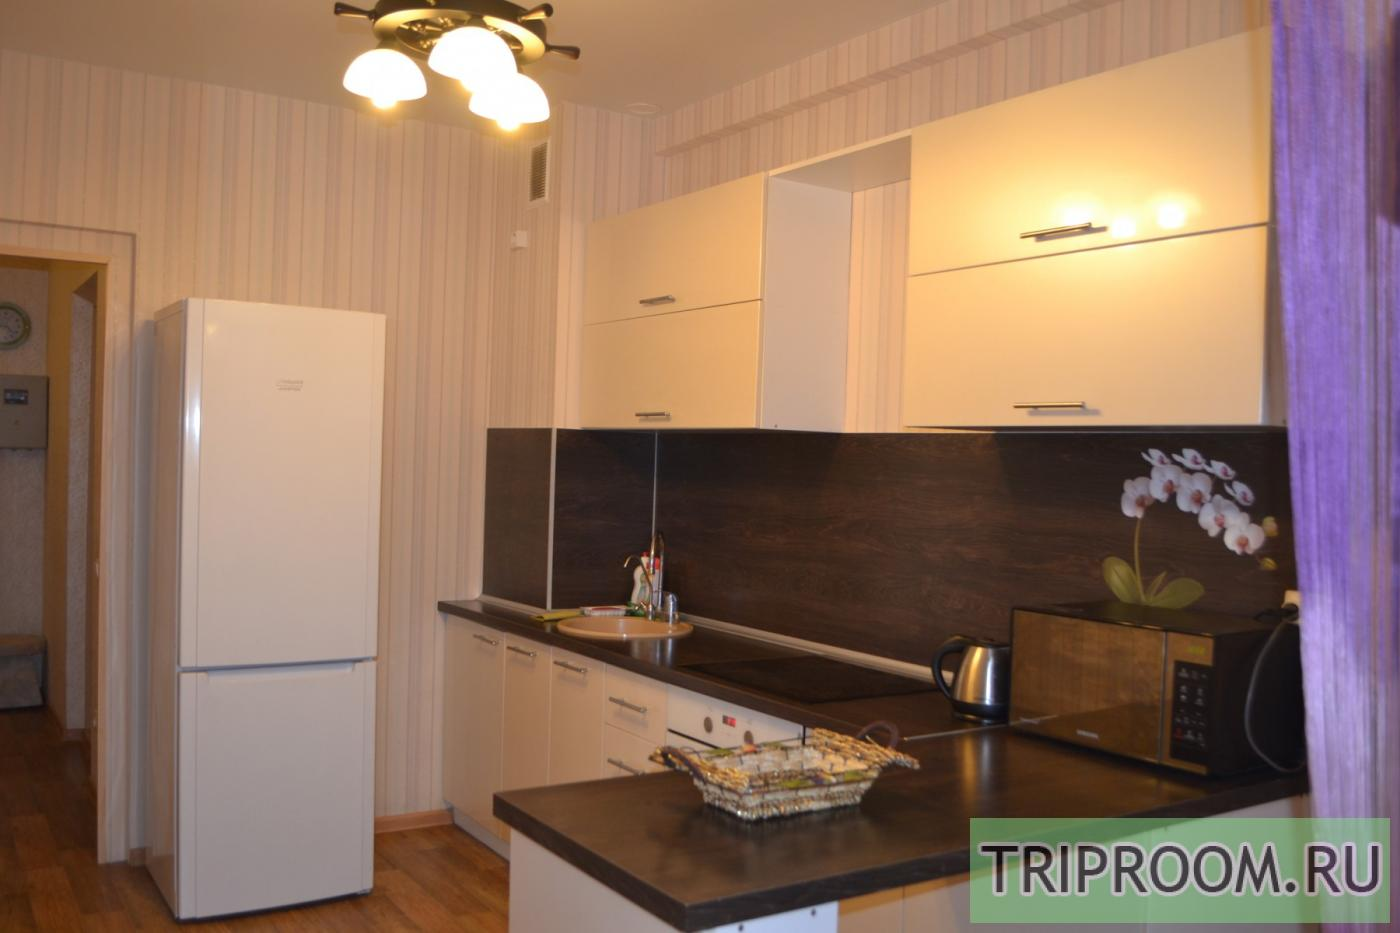 1-комнатная квартира посуточно (вариант № 23176), ул. улиуа Беляева, фото № 2